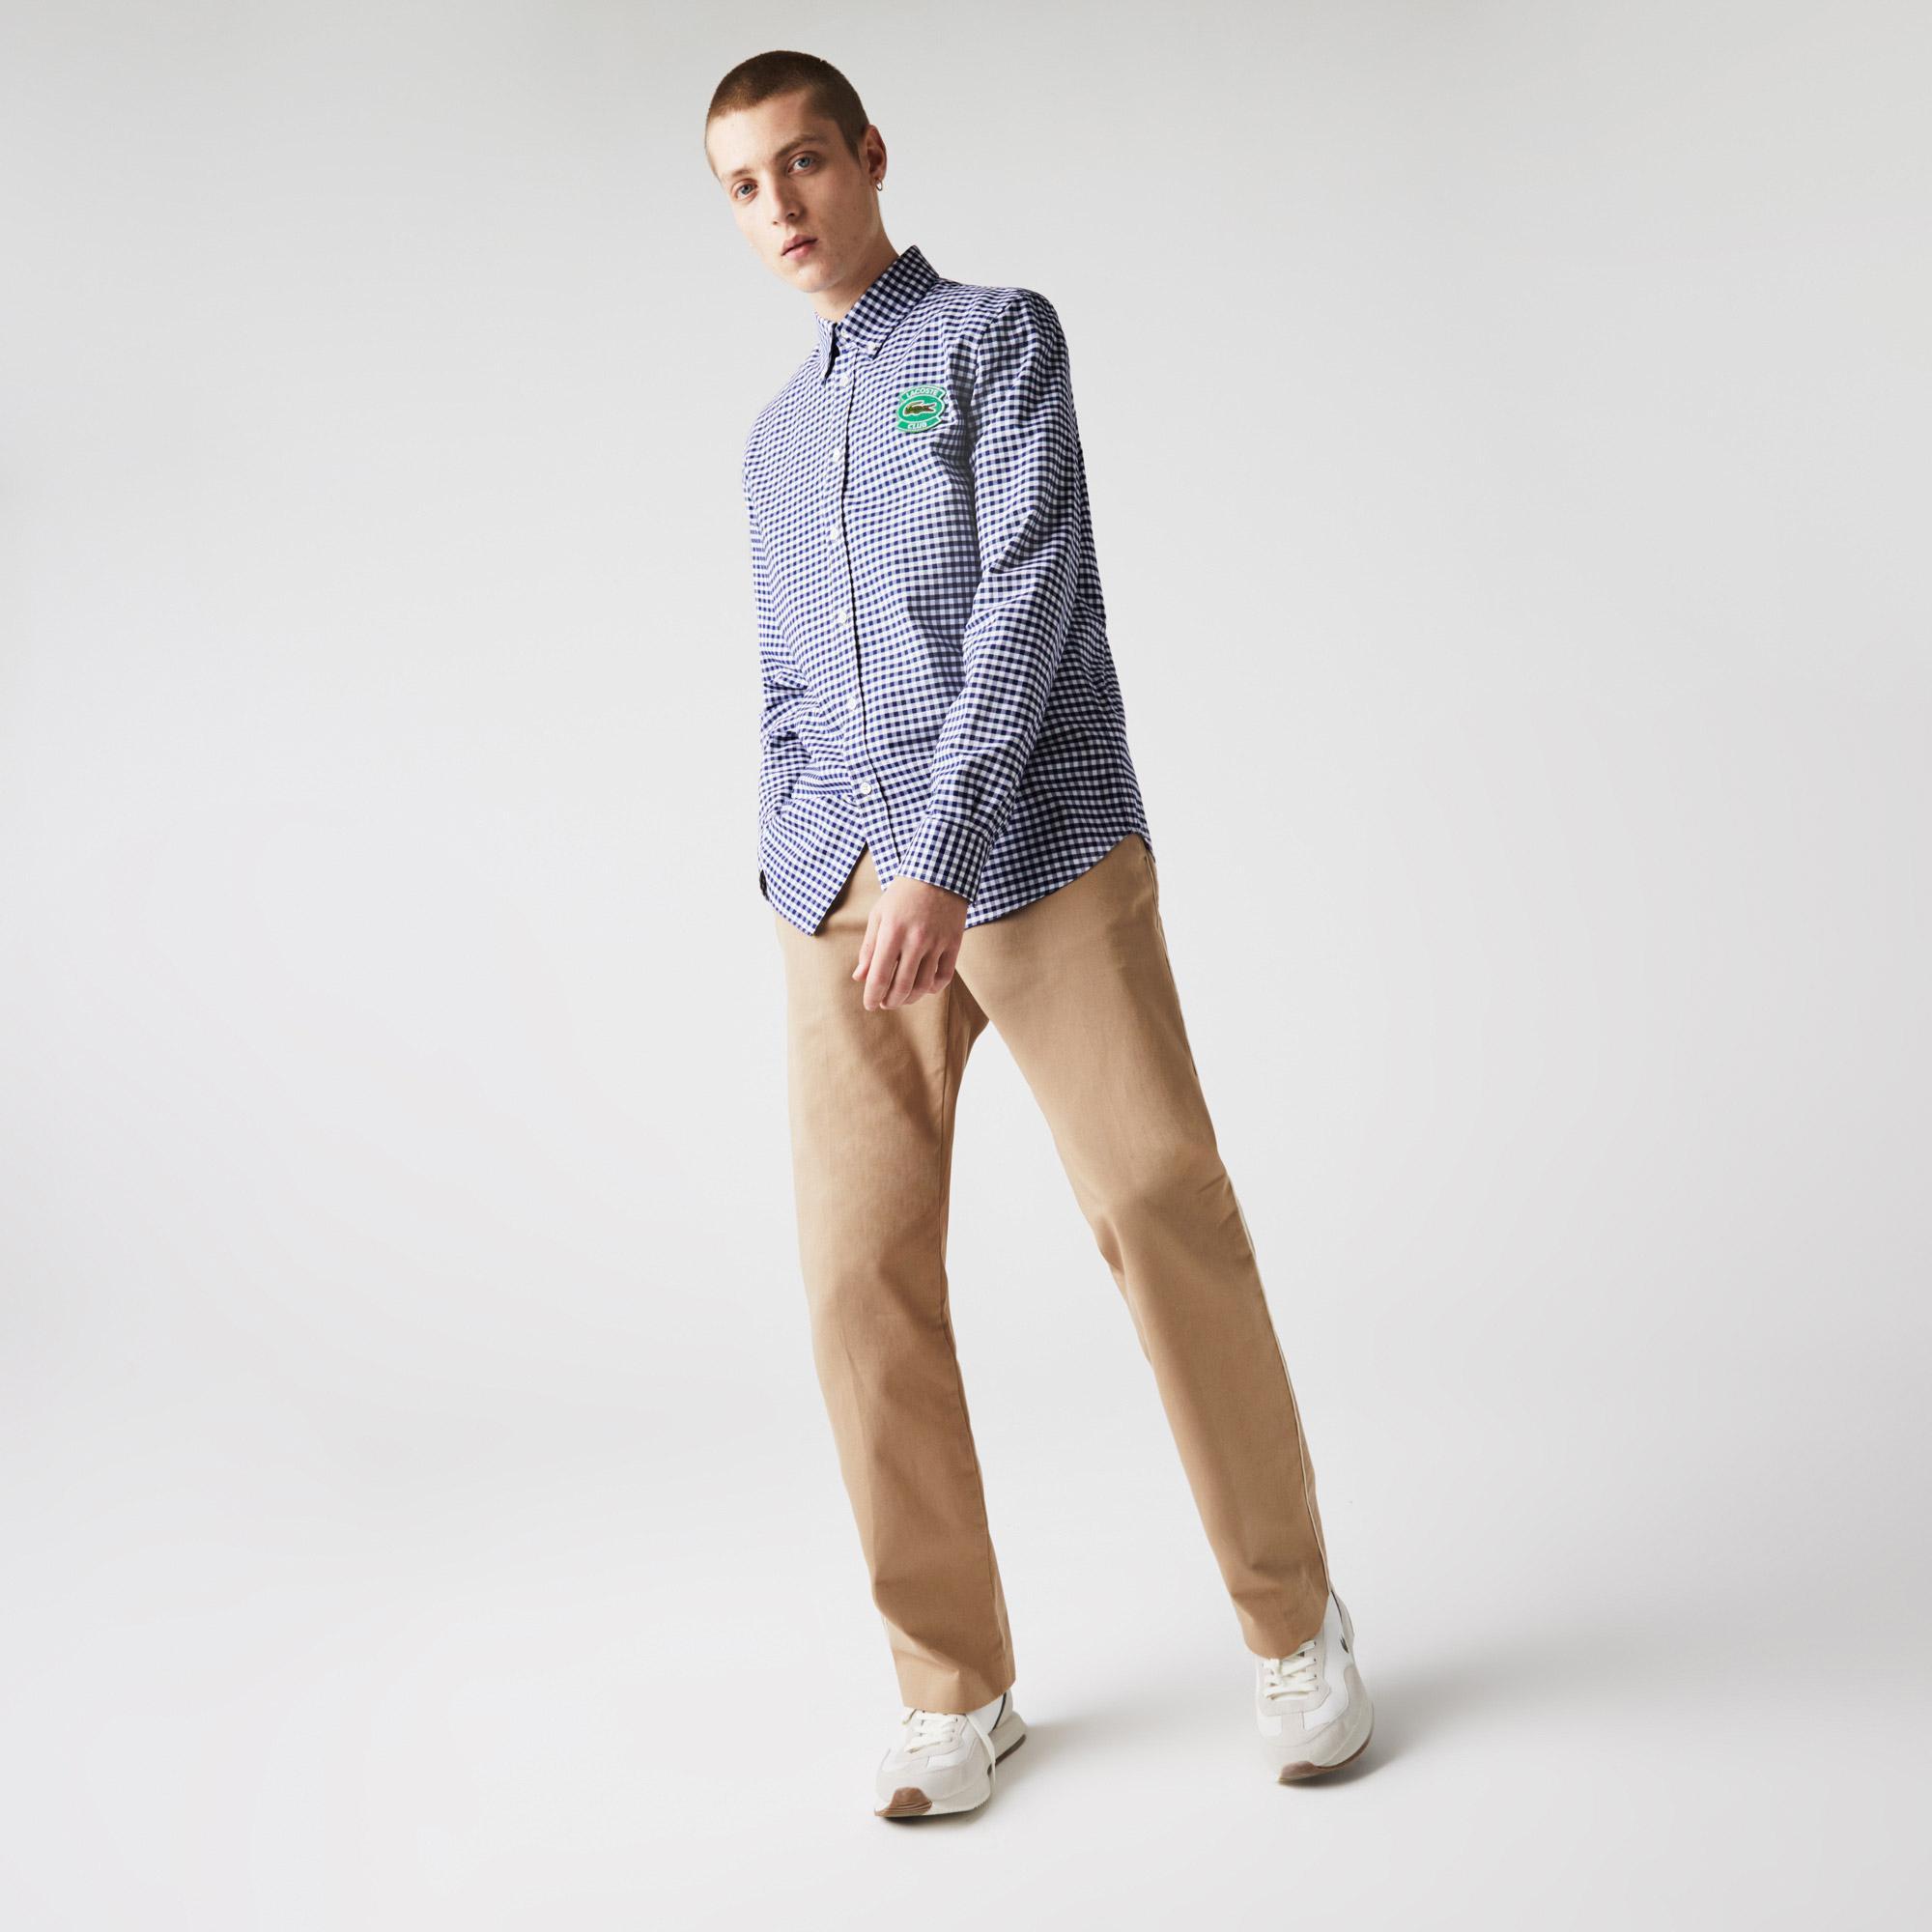 Lacoste Erkek Regular Fit Ekose Desenli Saks Mavi - Beyaz Gömlek